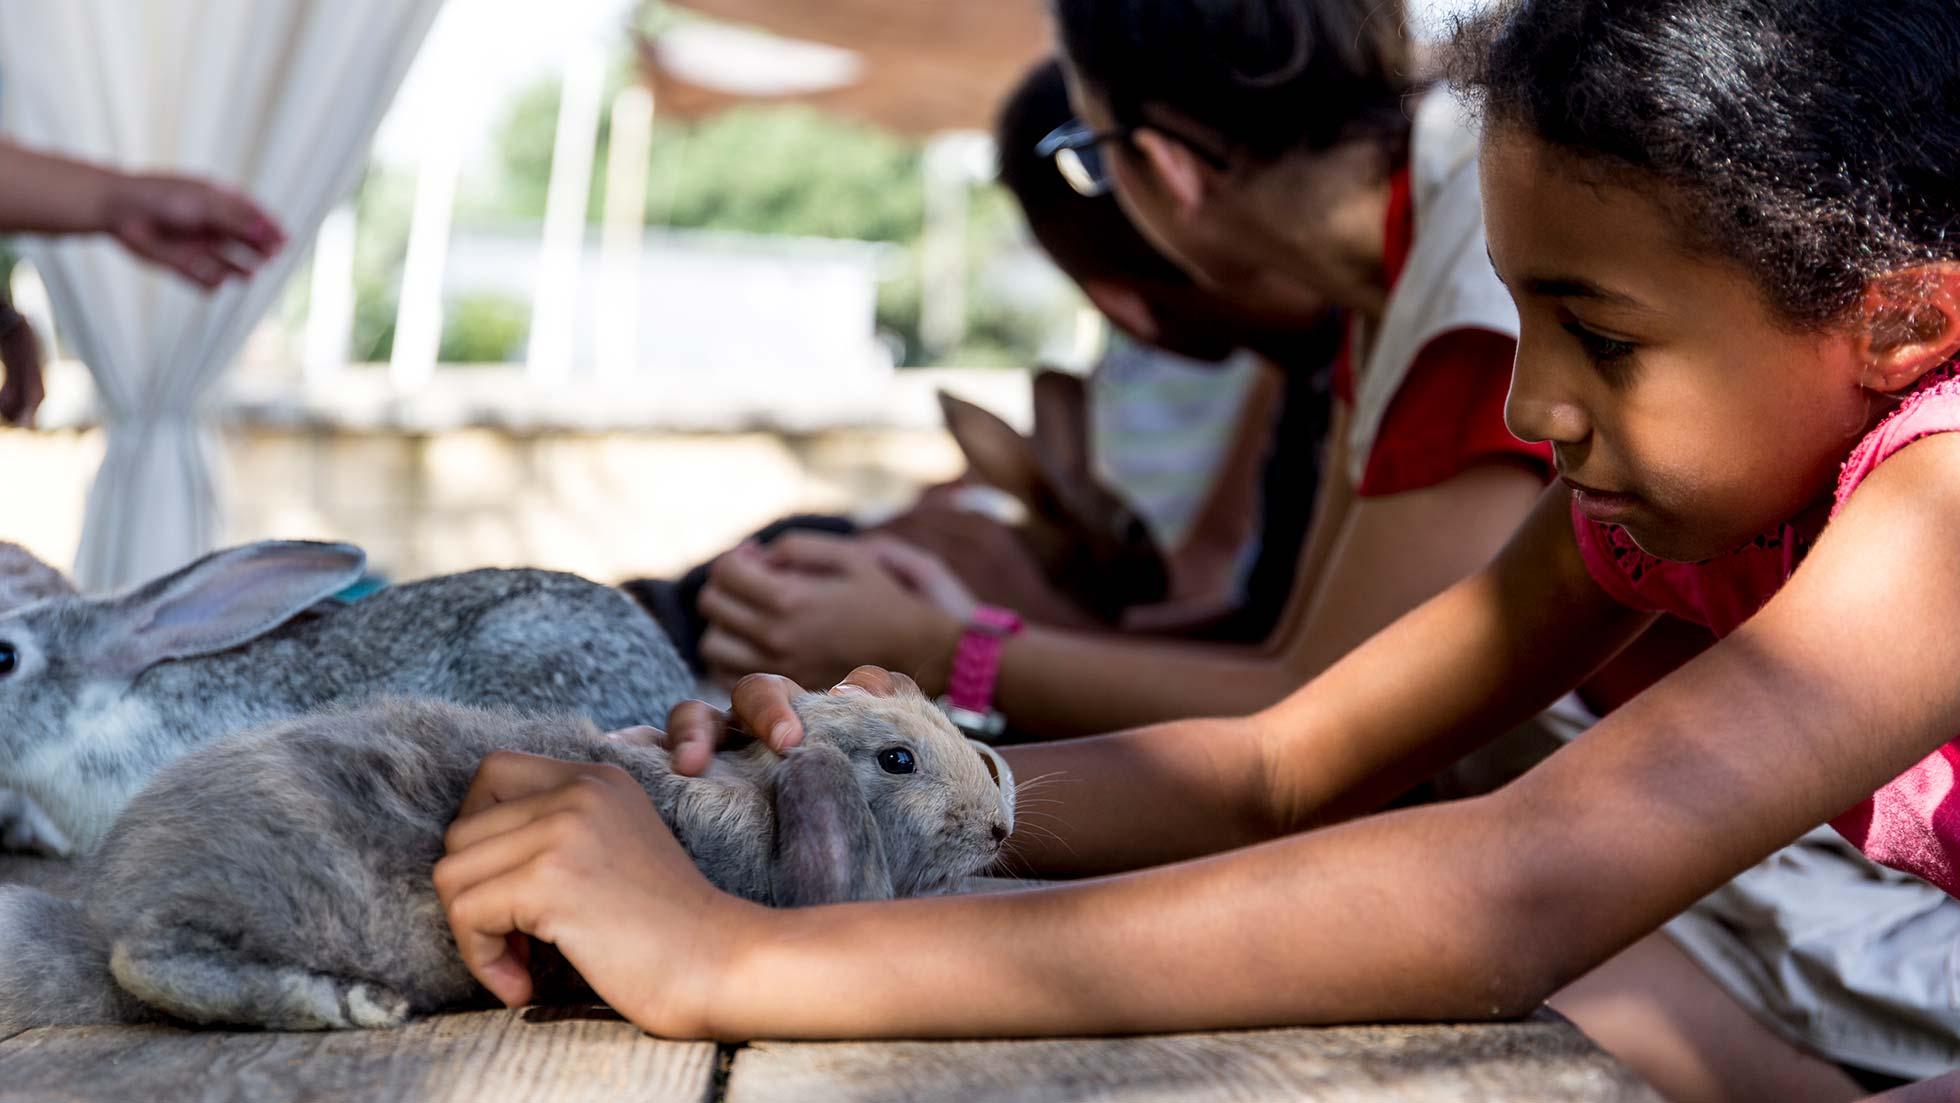 Campamento de verano 2019 - Niña con conejo